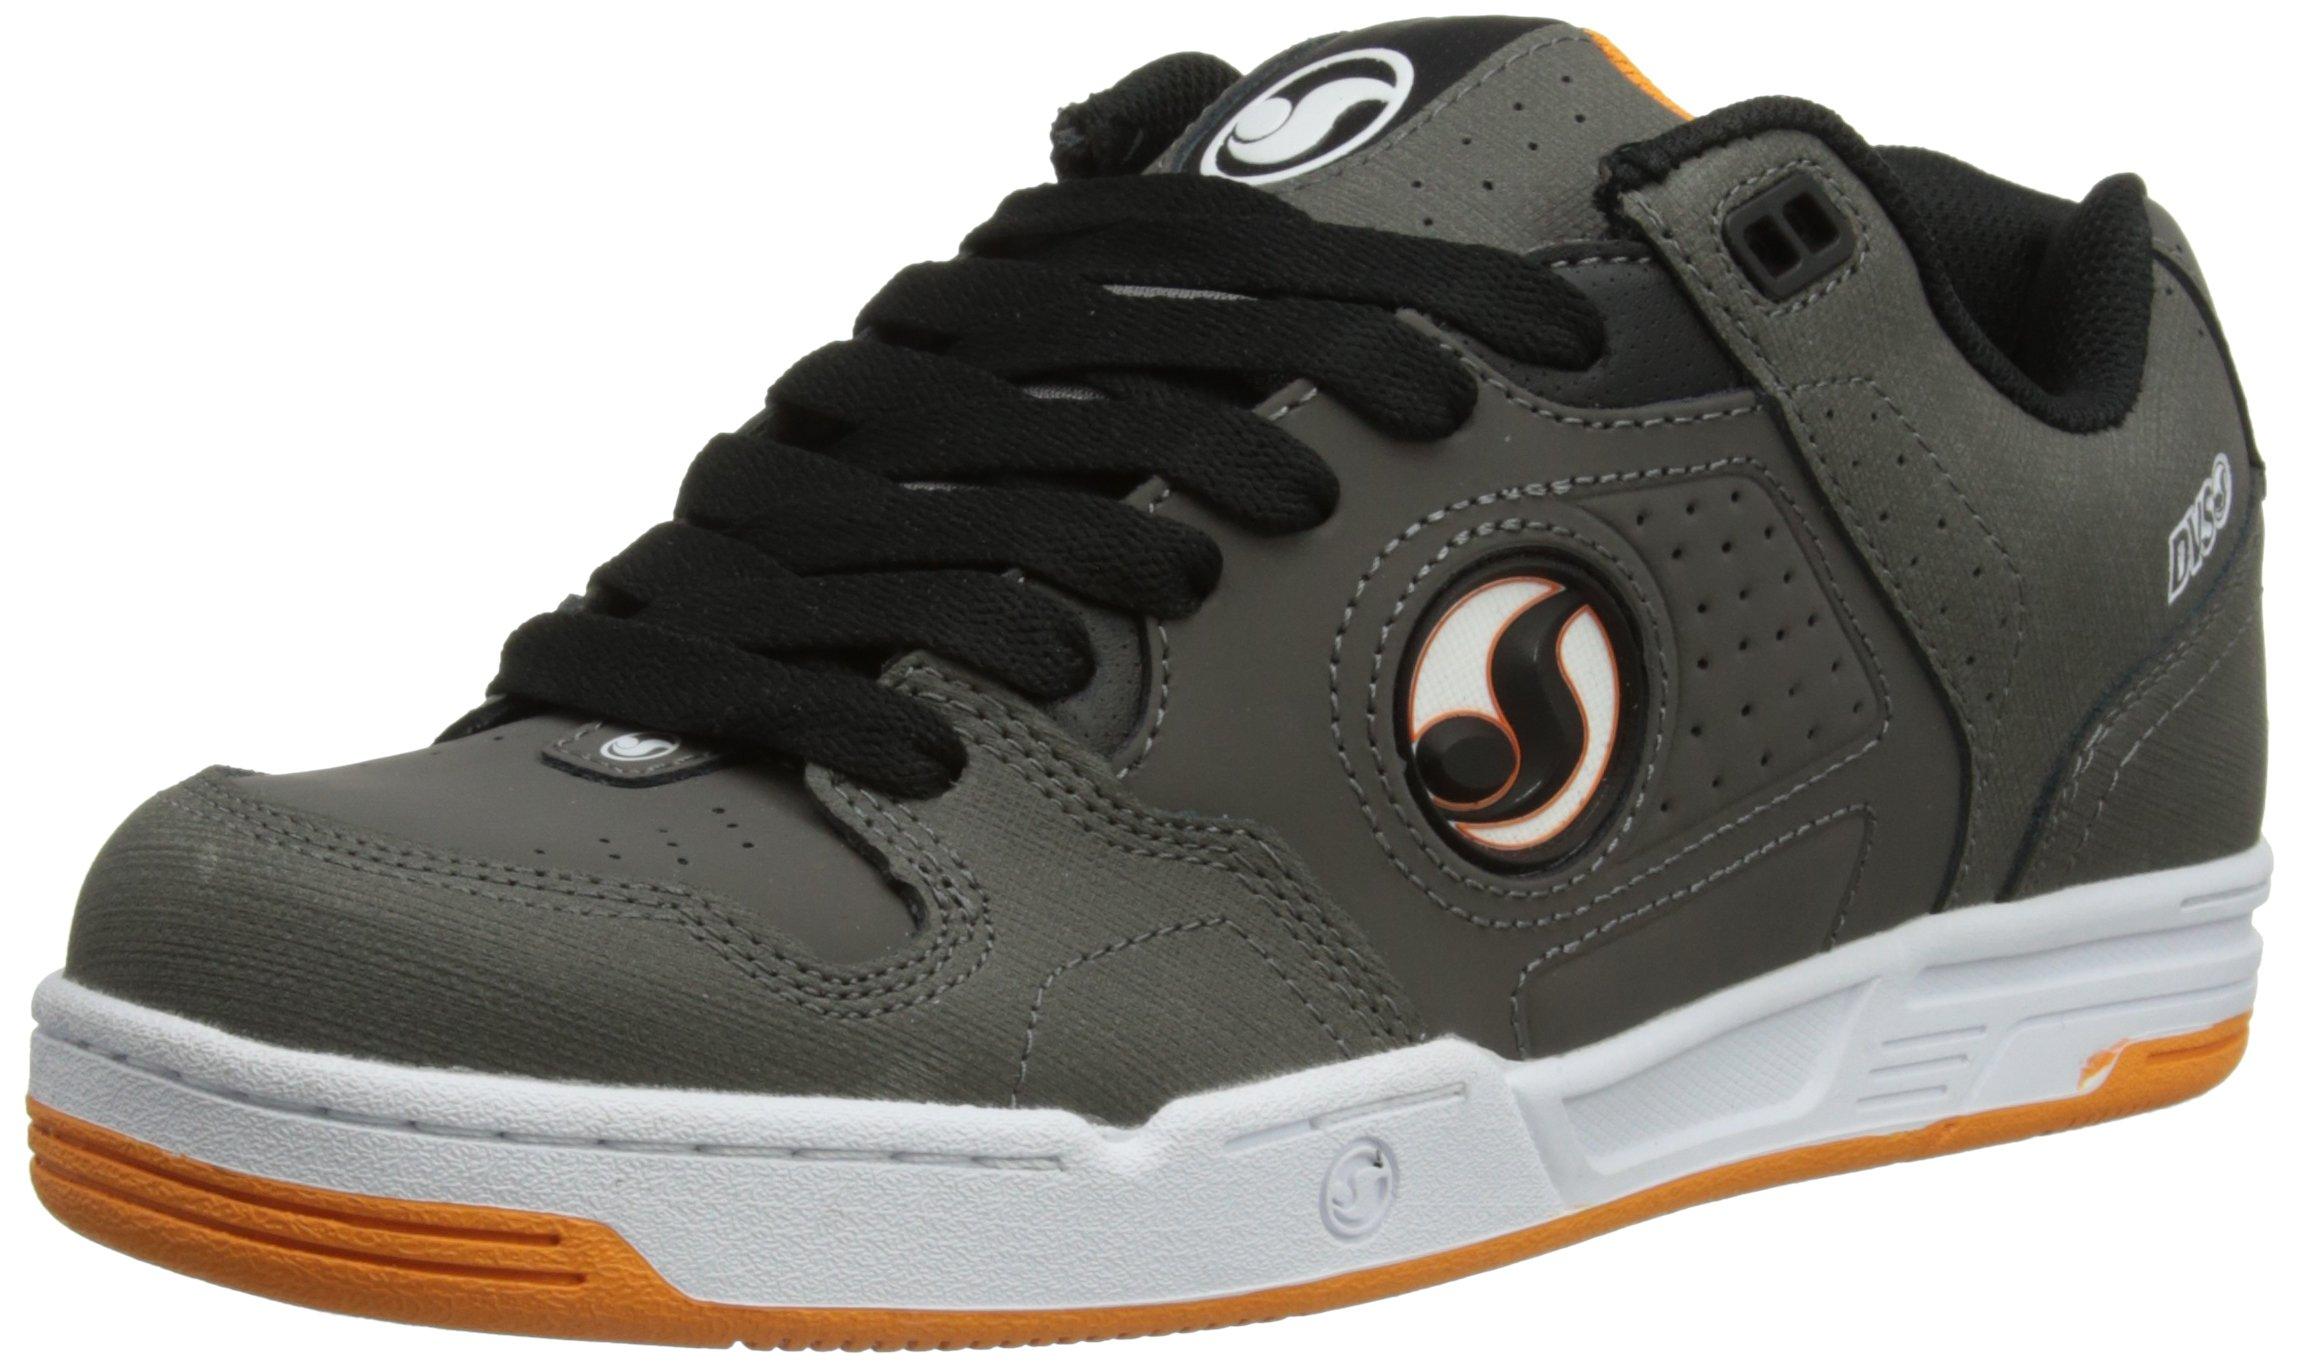 DVS Havoc Skate Shoe,Grey Leather,8 M US by DVS